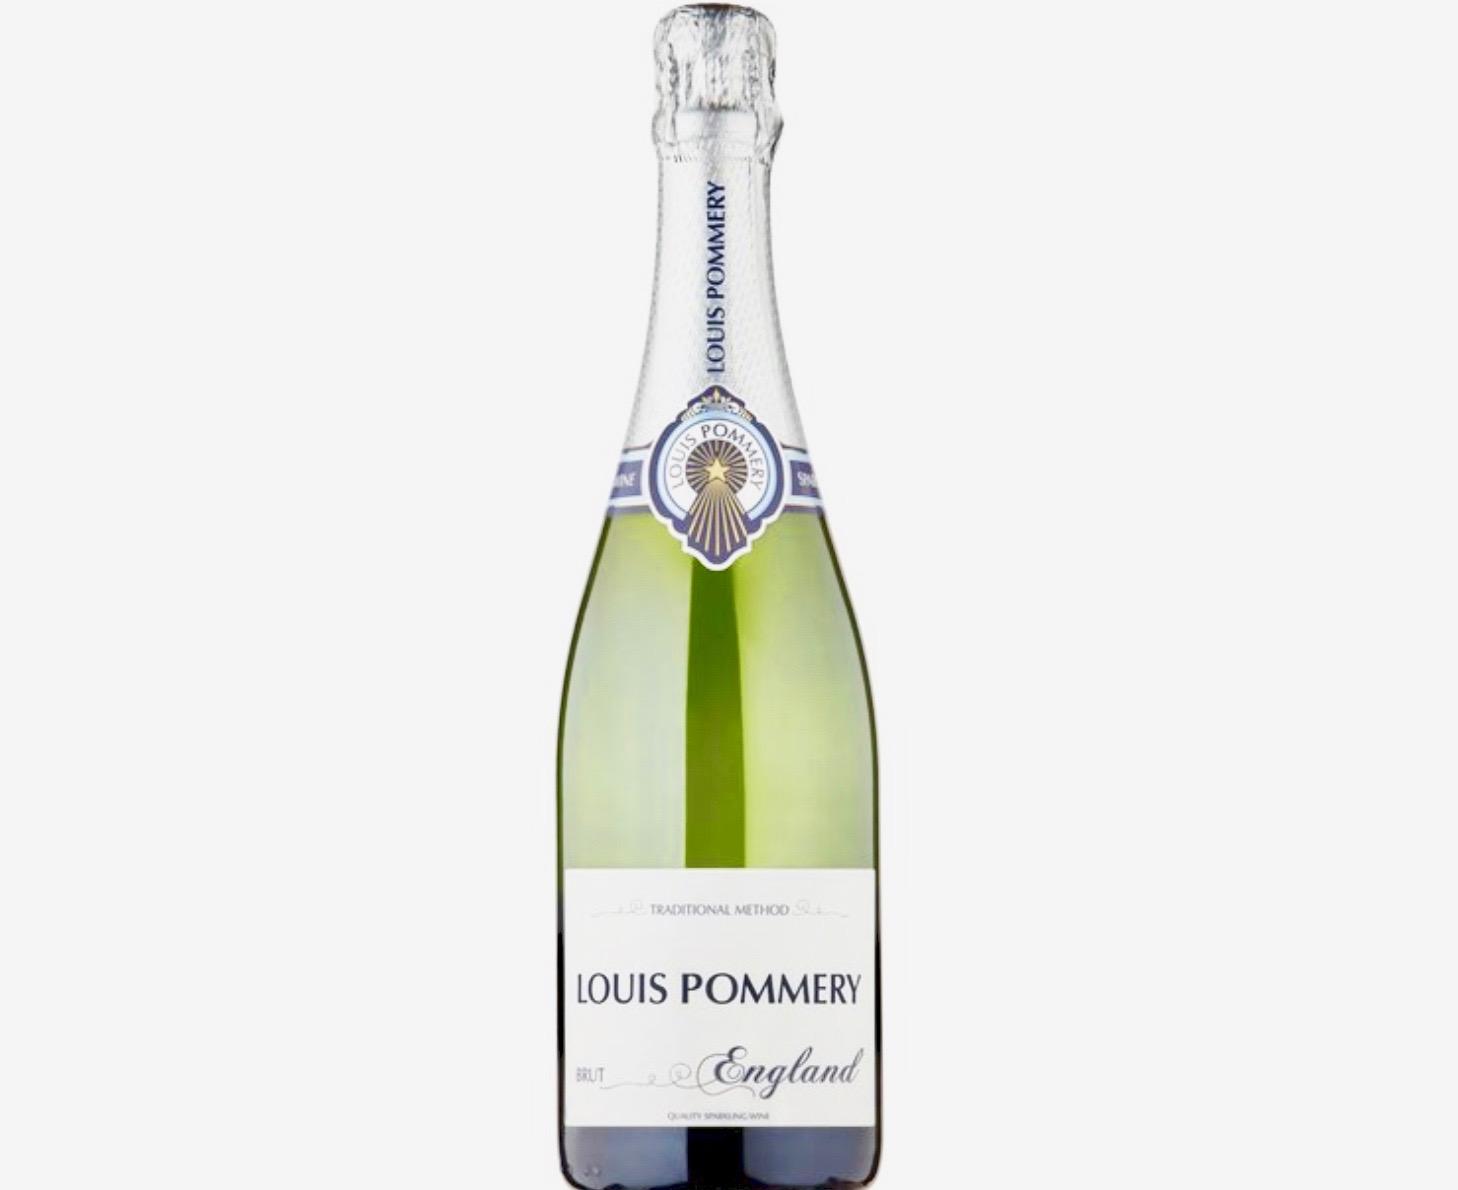 Un sparkling wine anglais nommée Louis Pommery.